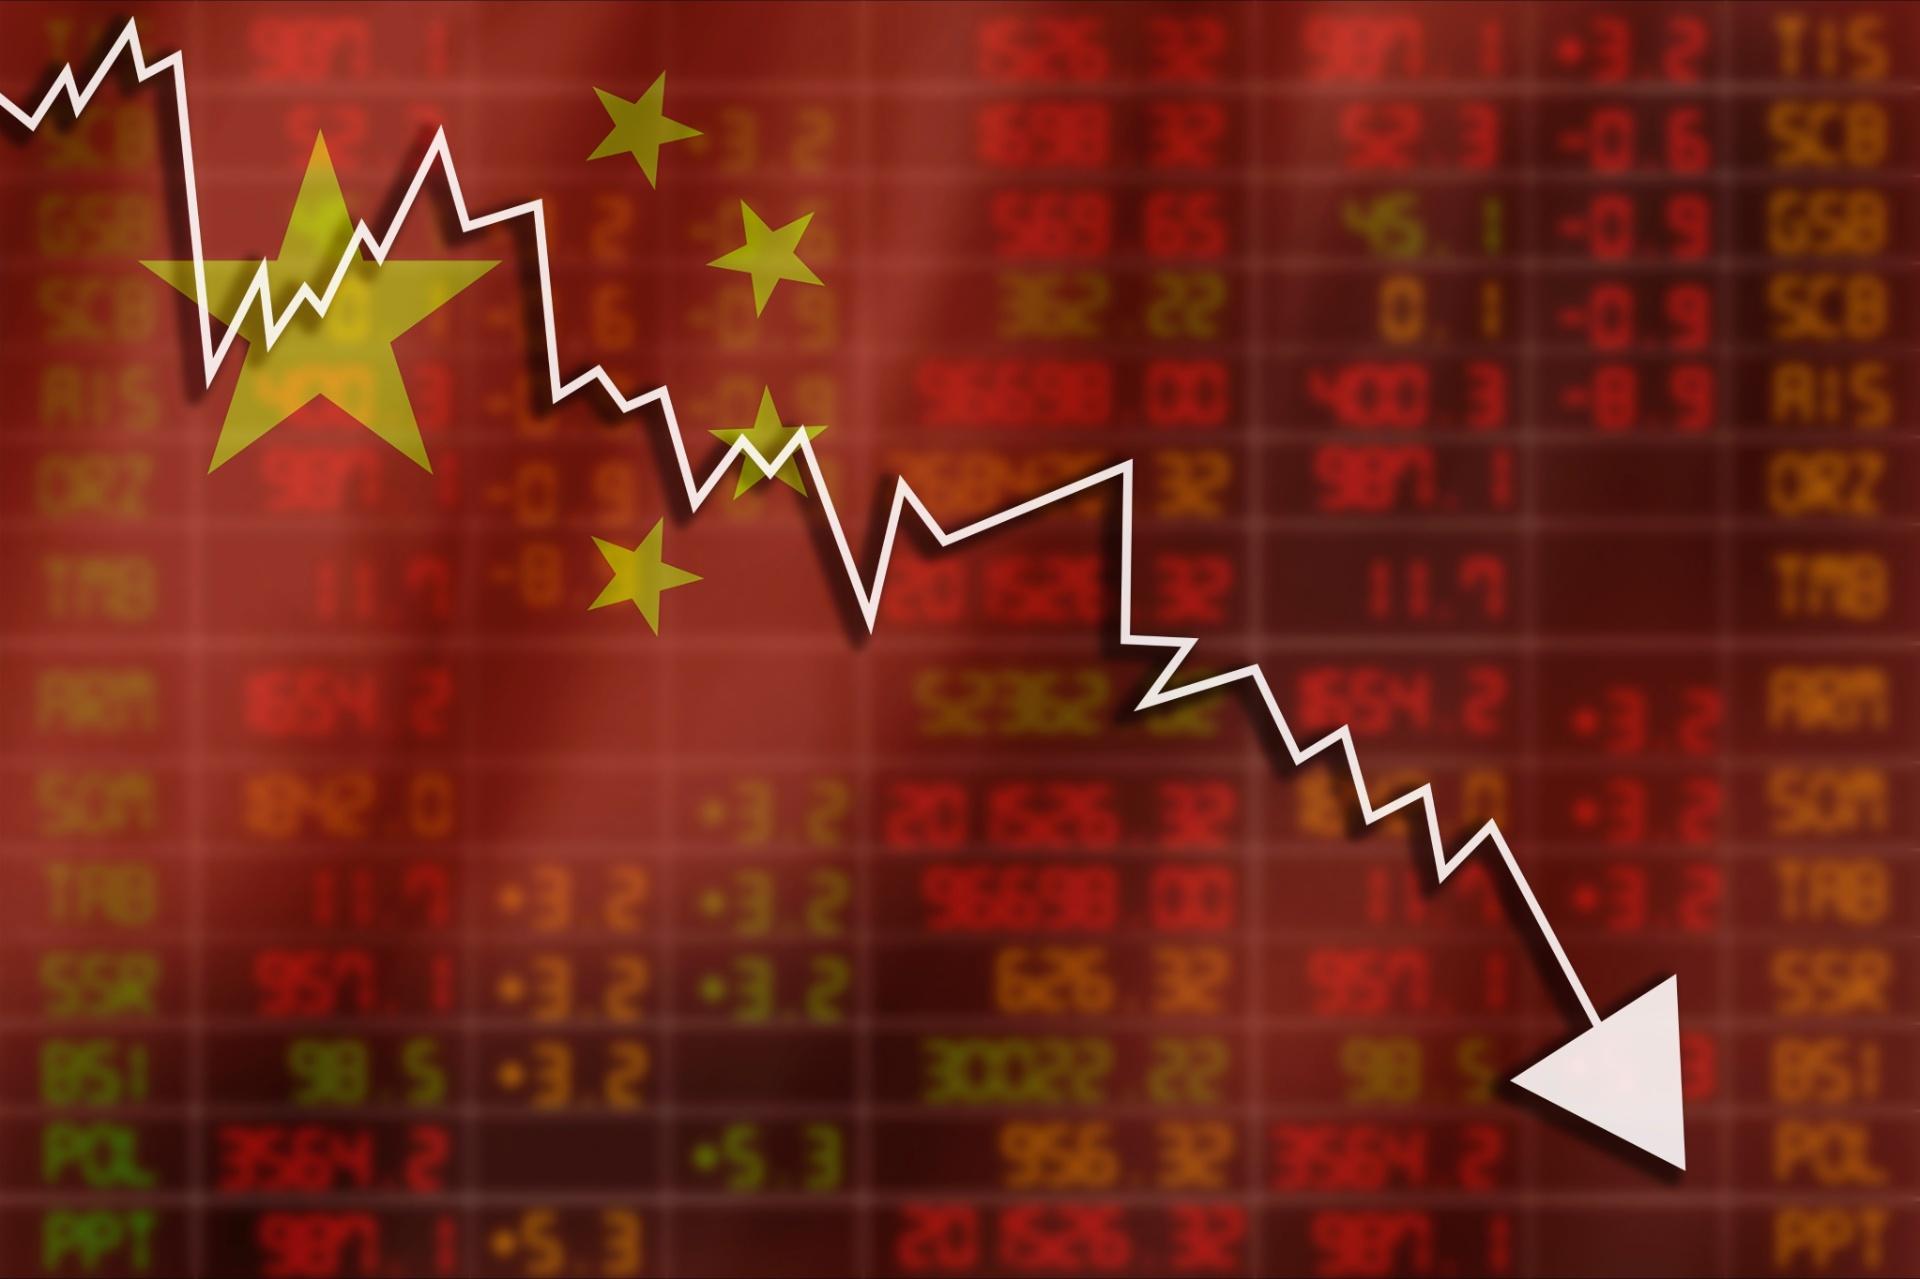 Bolsa chinesa despenca nesta segunda-feira